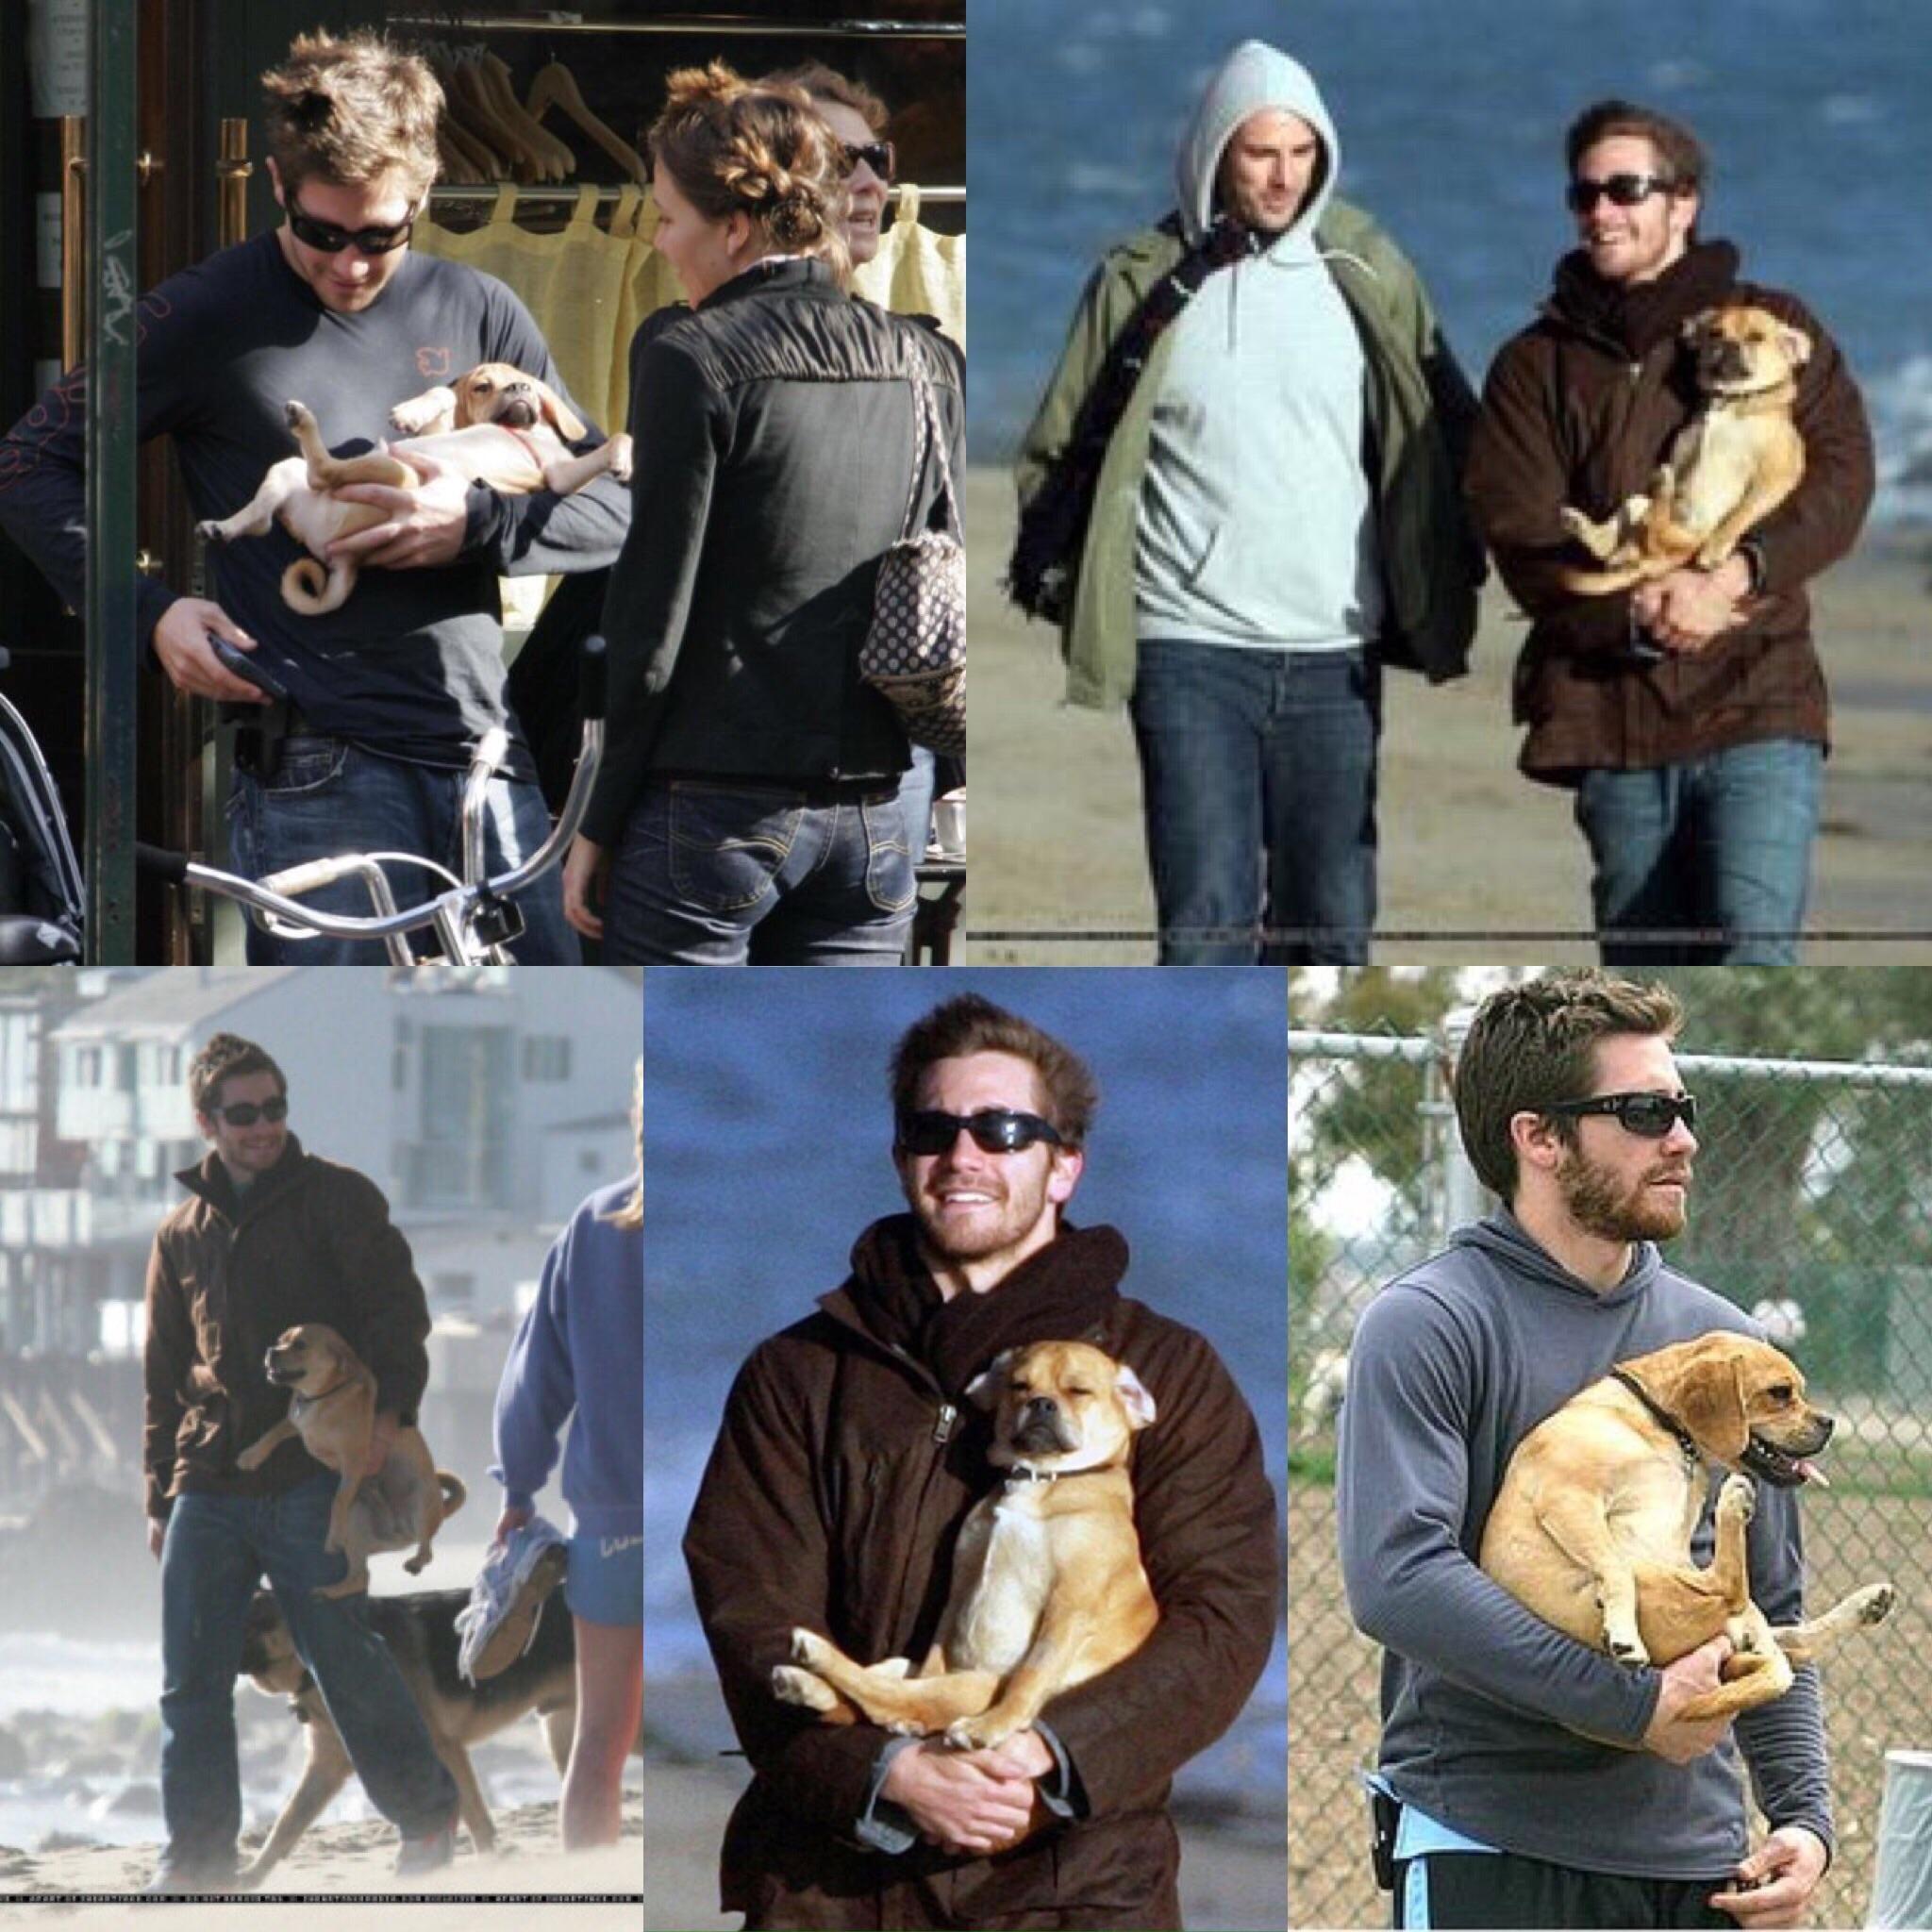 Jake Gyllenhaal incorrectly holding dogs.